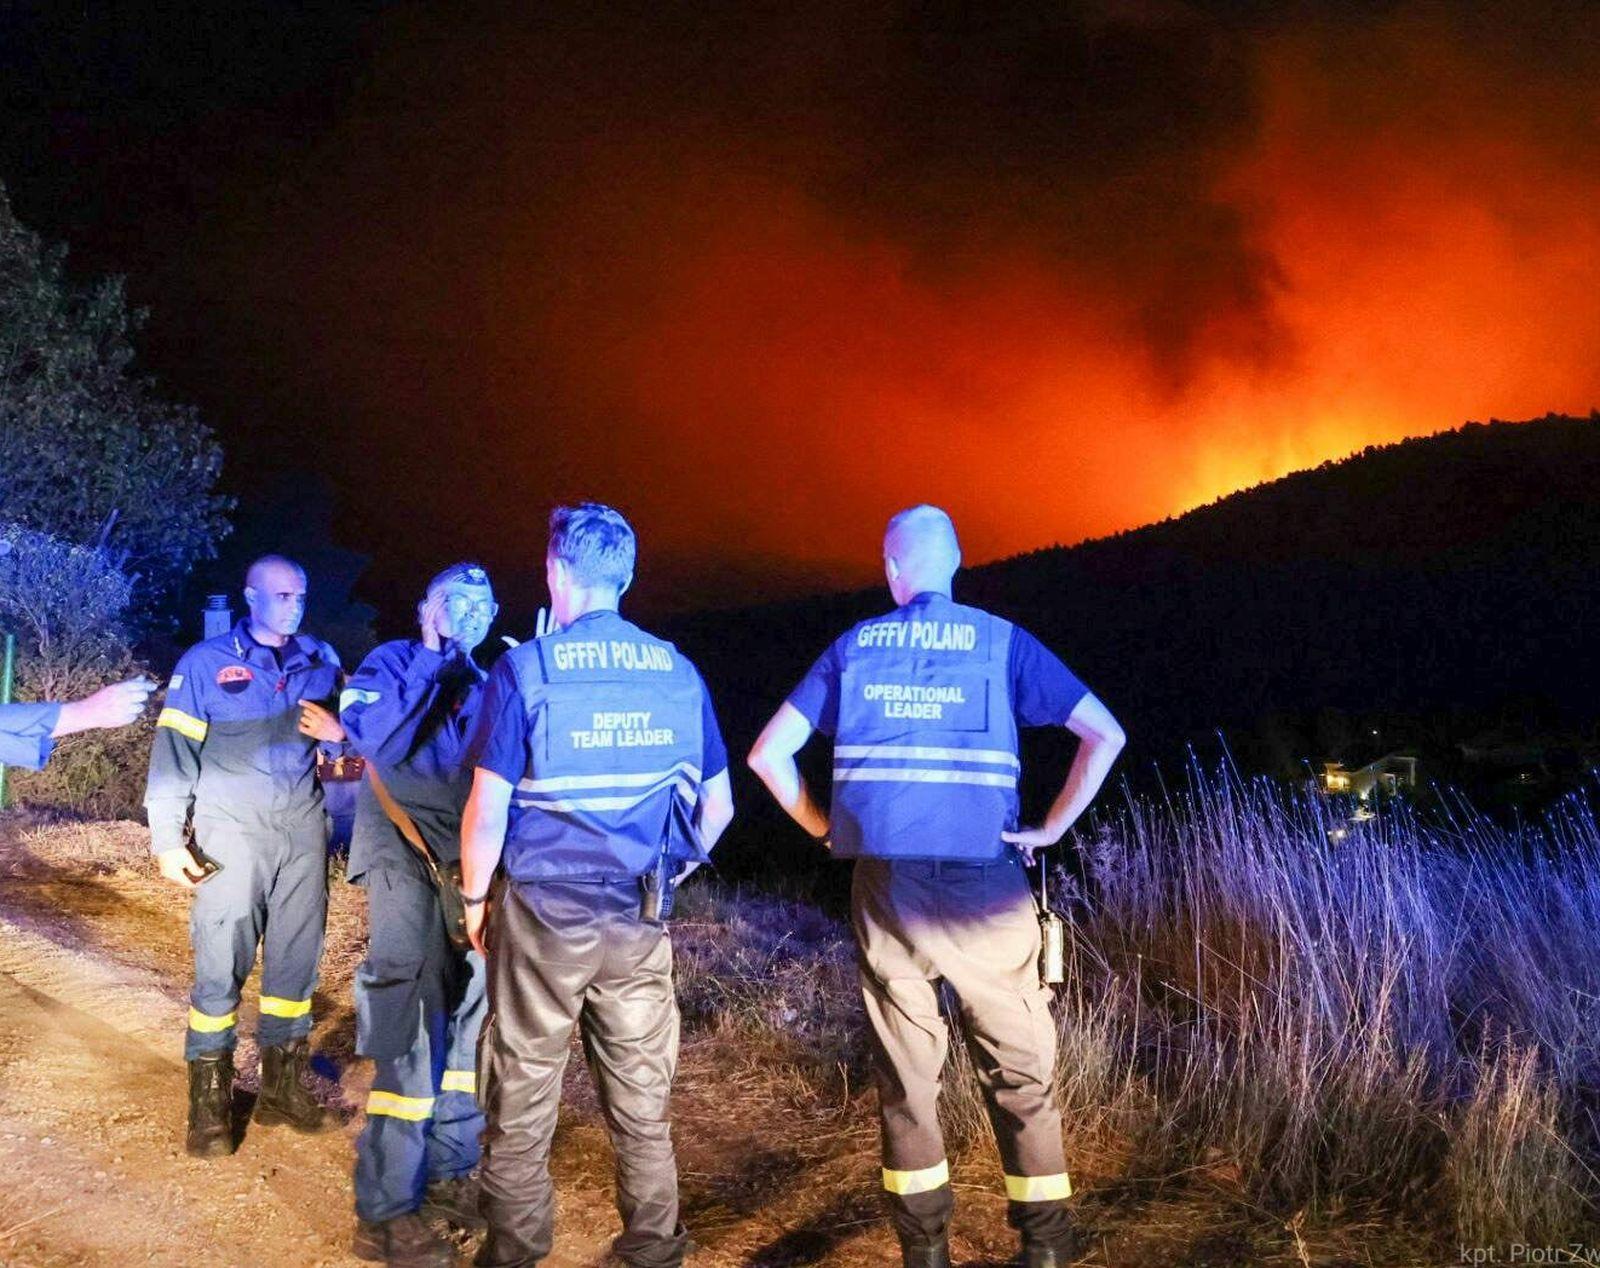 Strażacy z Wielkopolski zostają w Grecji. Ich misja została przedłużona - Zdjęcie główne